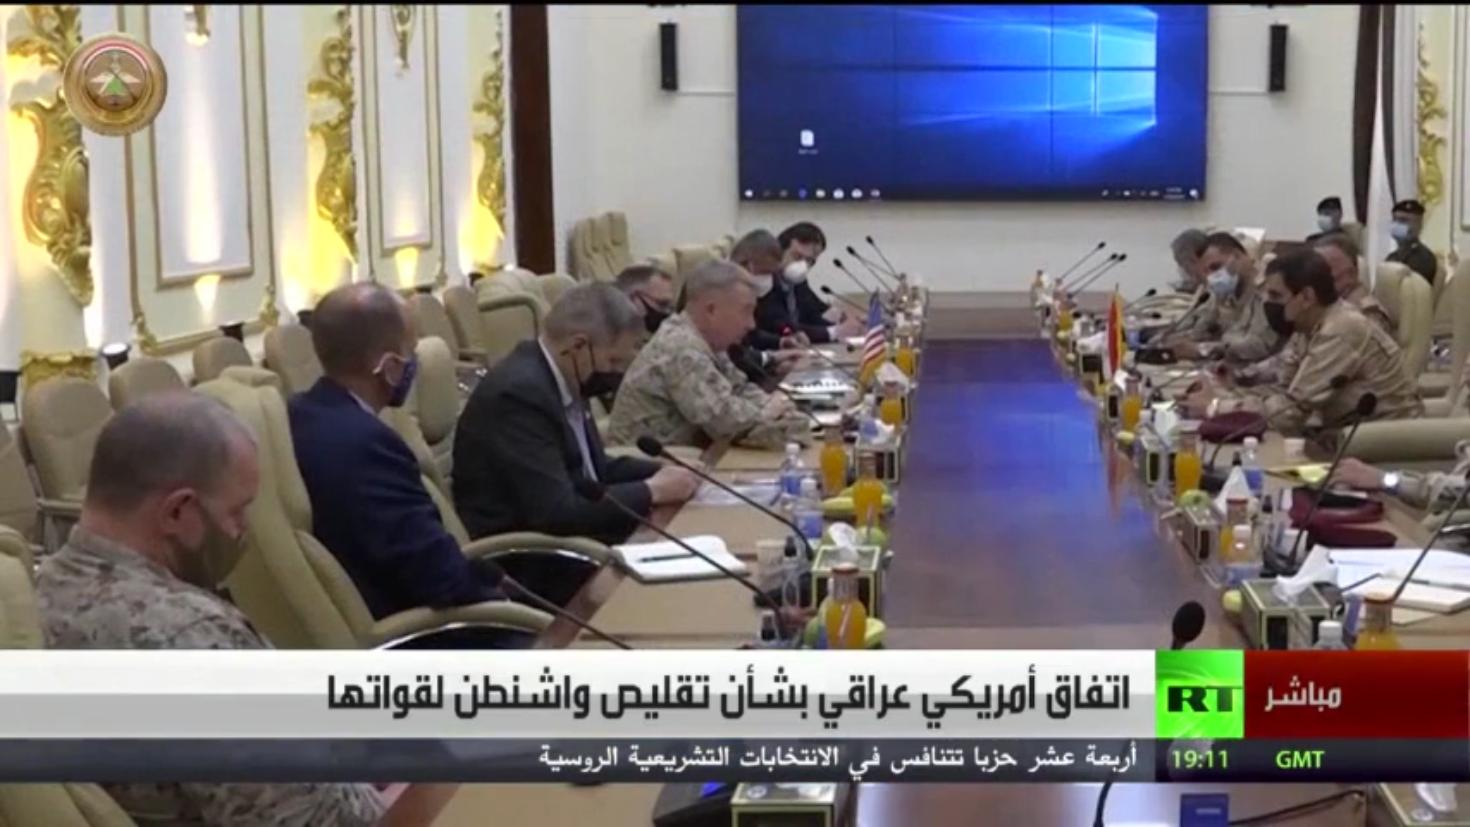 اتفاق أمريكي عراقي بشأن تقليص واشنطن لقواتها